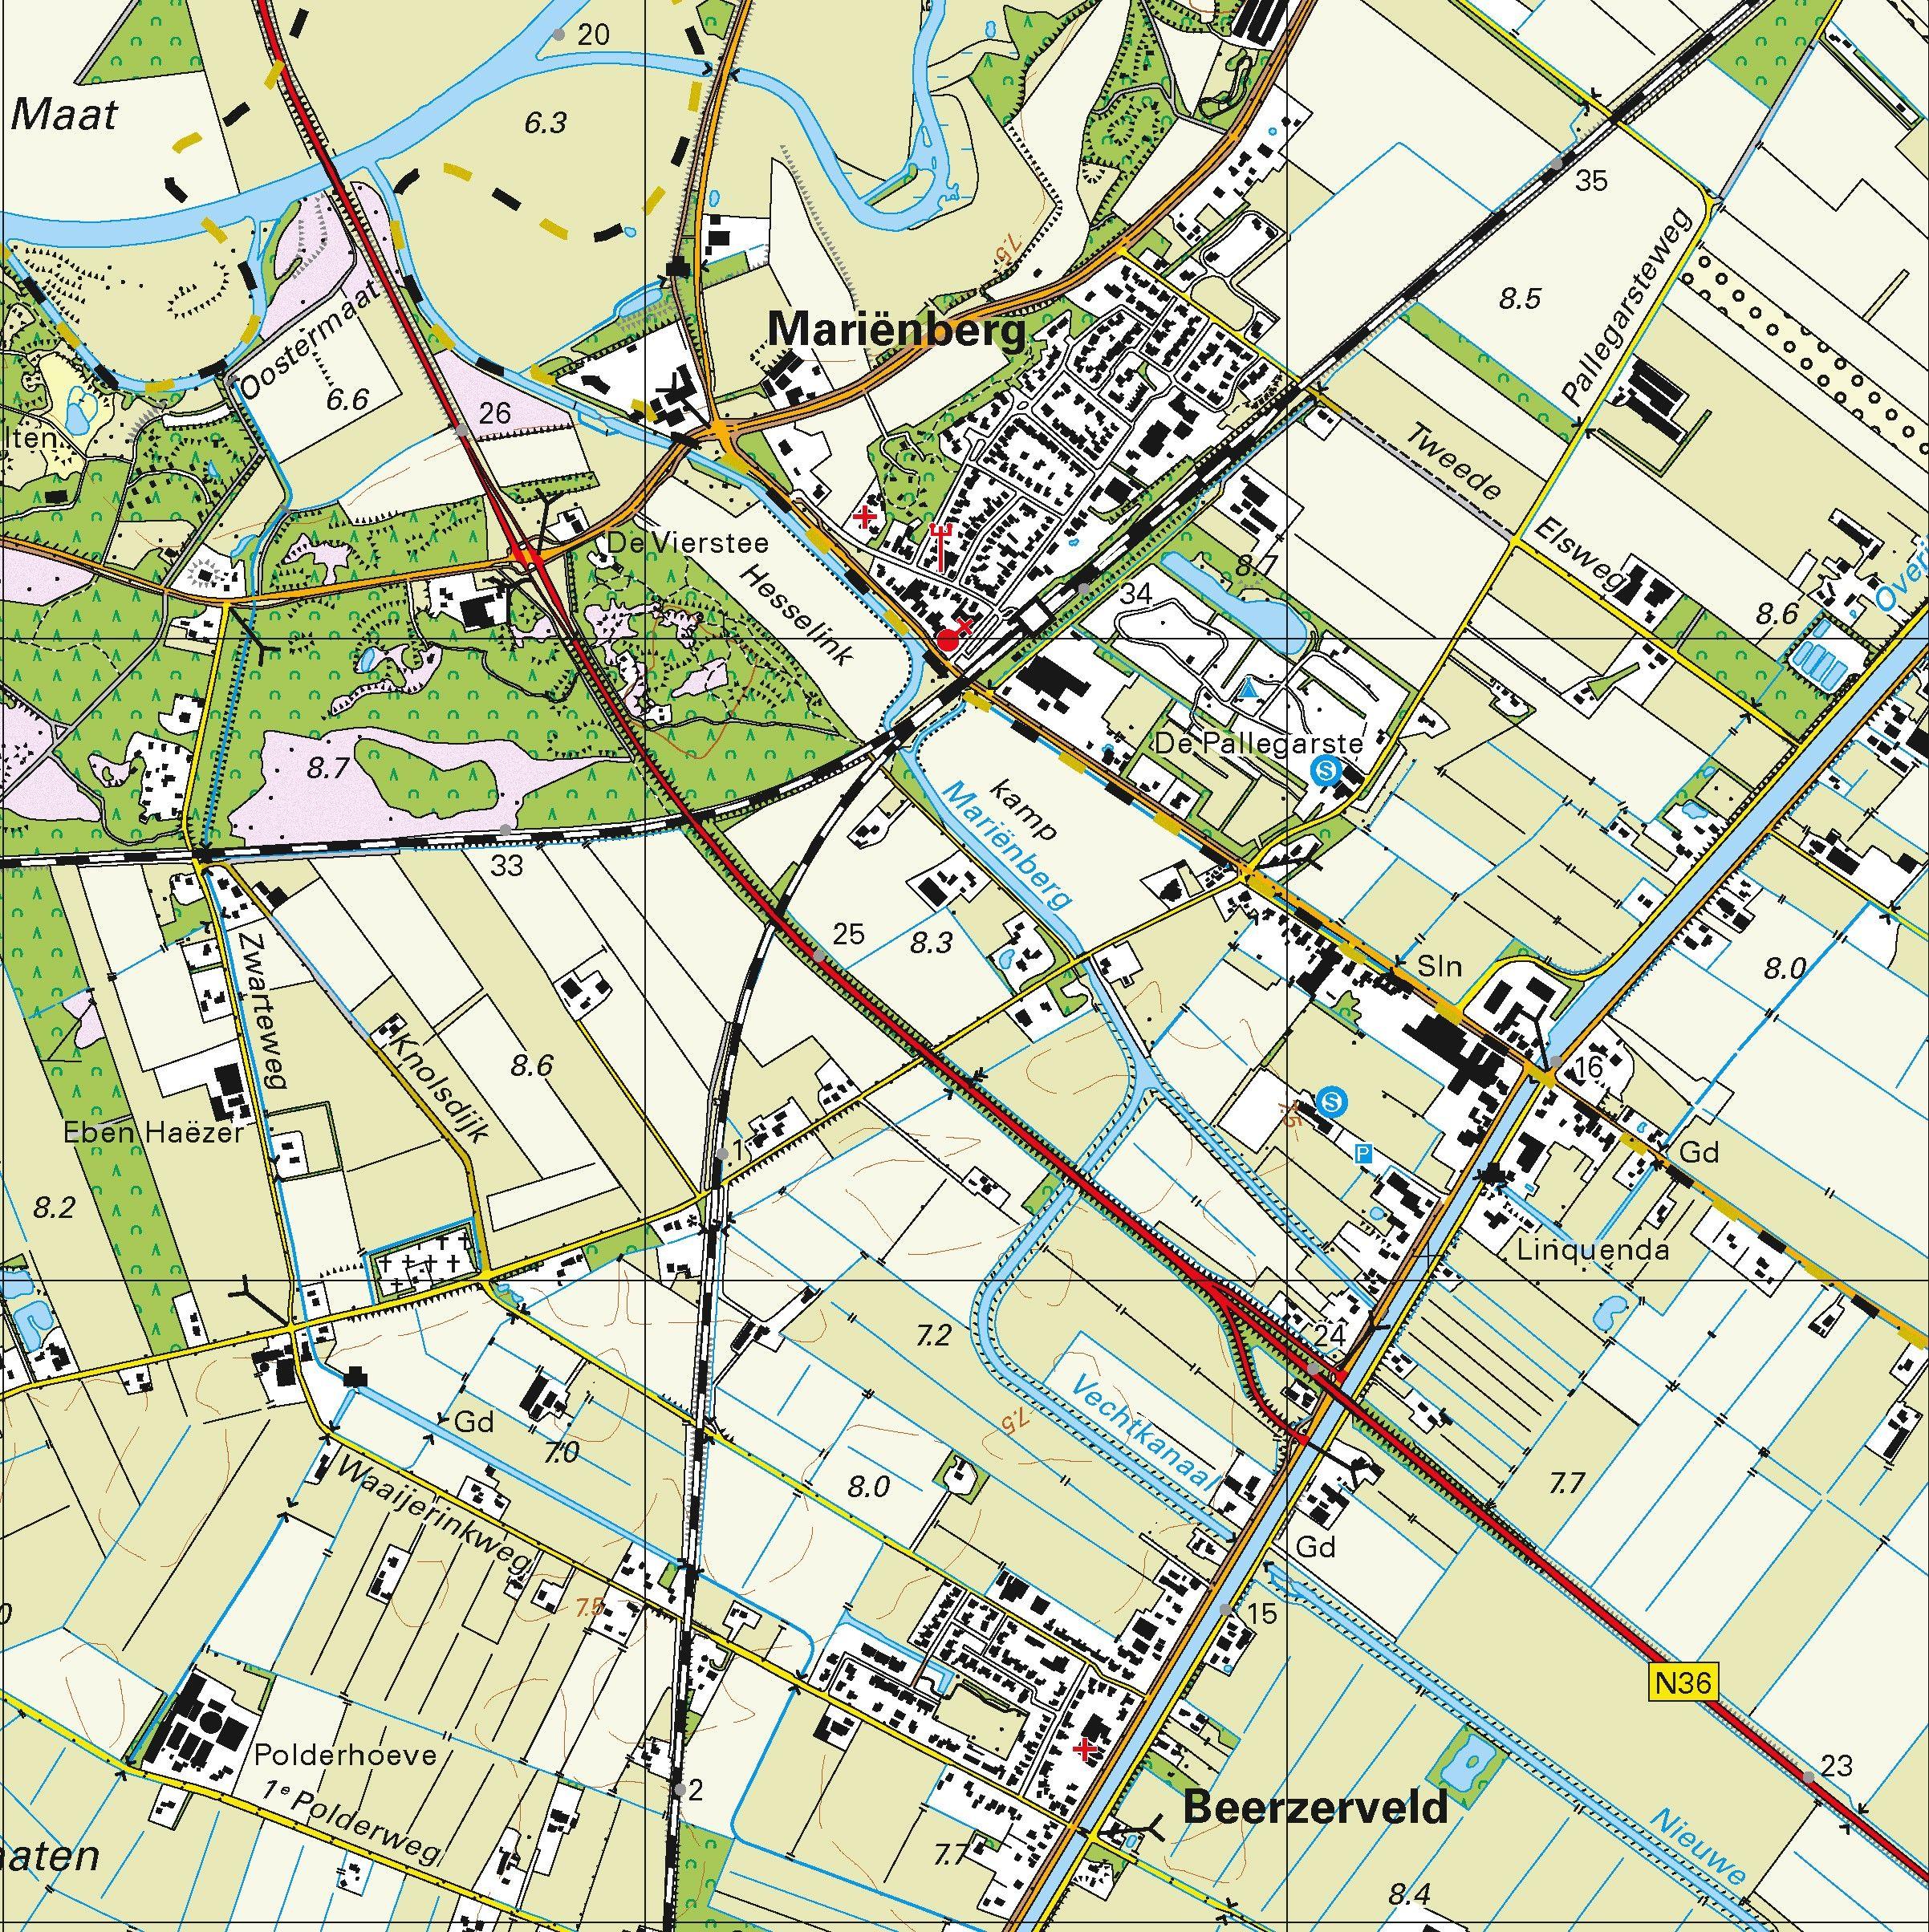 Topografische kaart schaal 1:25.000 (Hardenberg, Vroomshoop, Vriezenveen, Almelo, Geesteren)